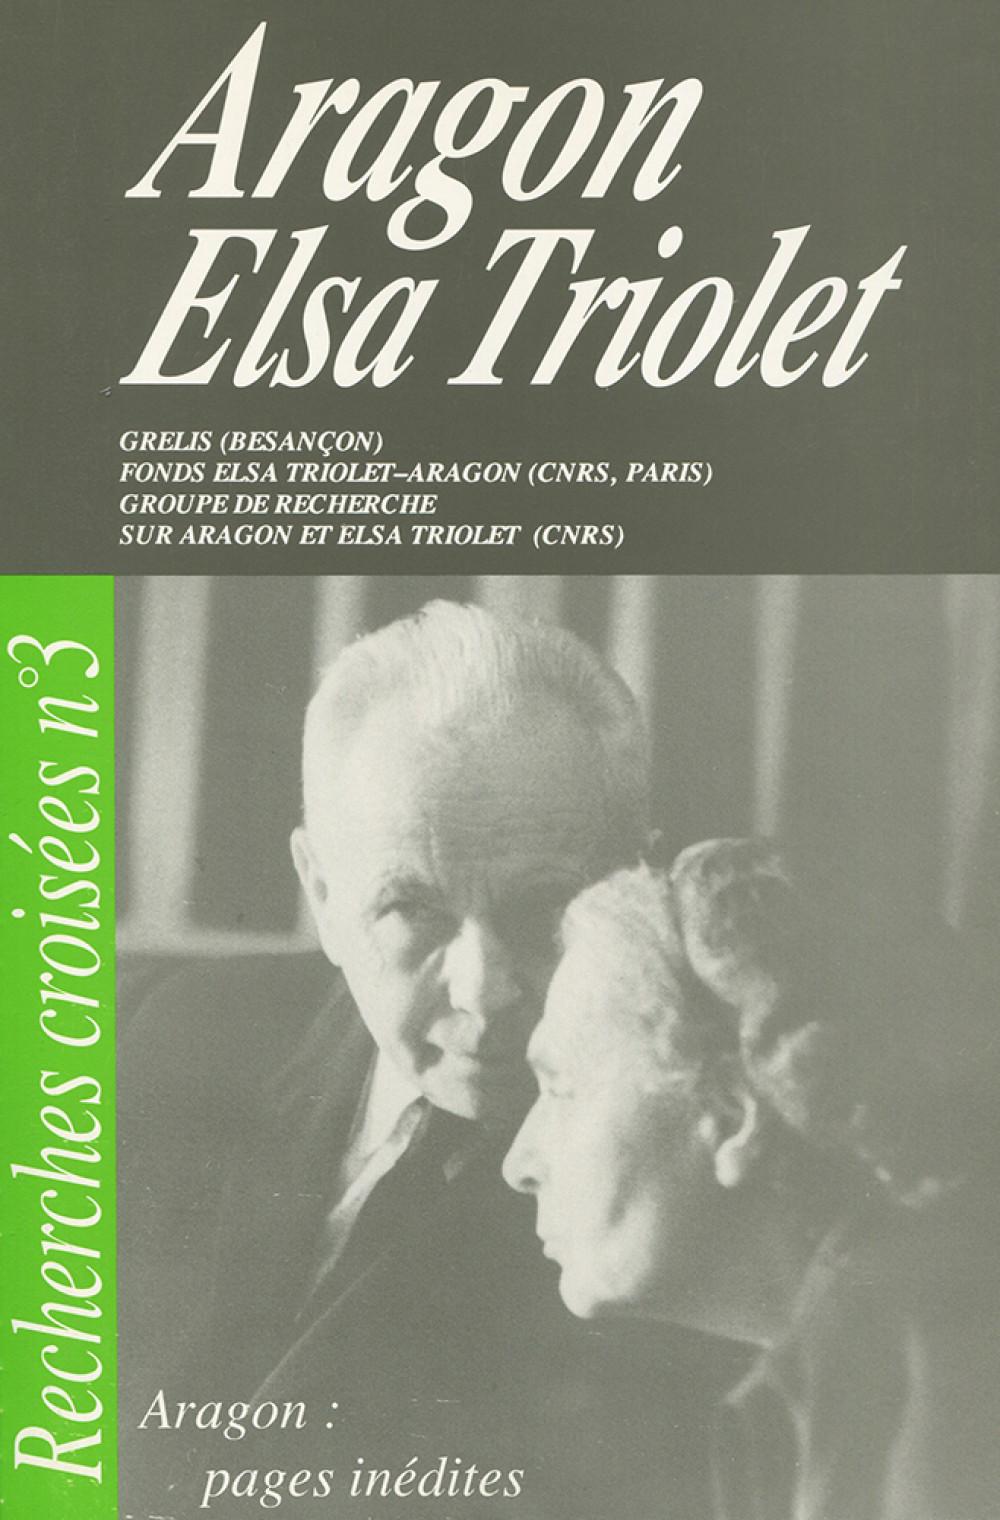 Recherches croisées n°3: Aragon / Elsa Triolet